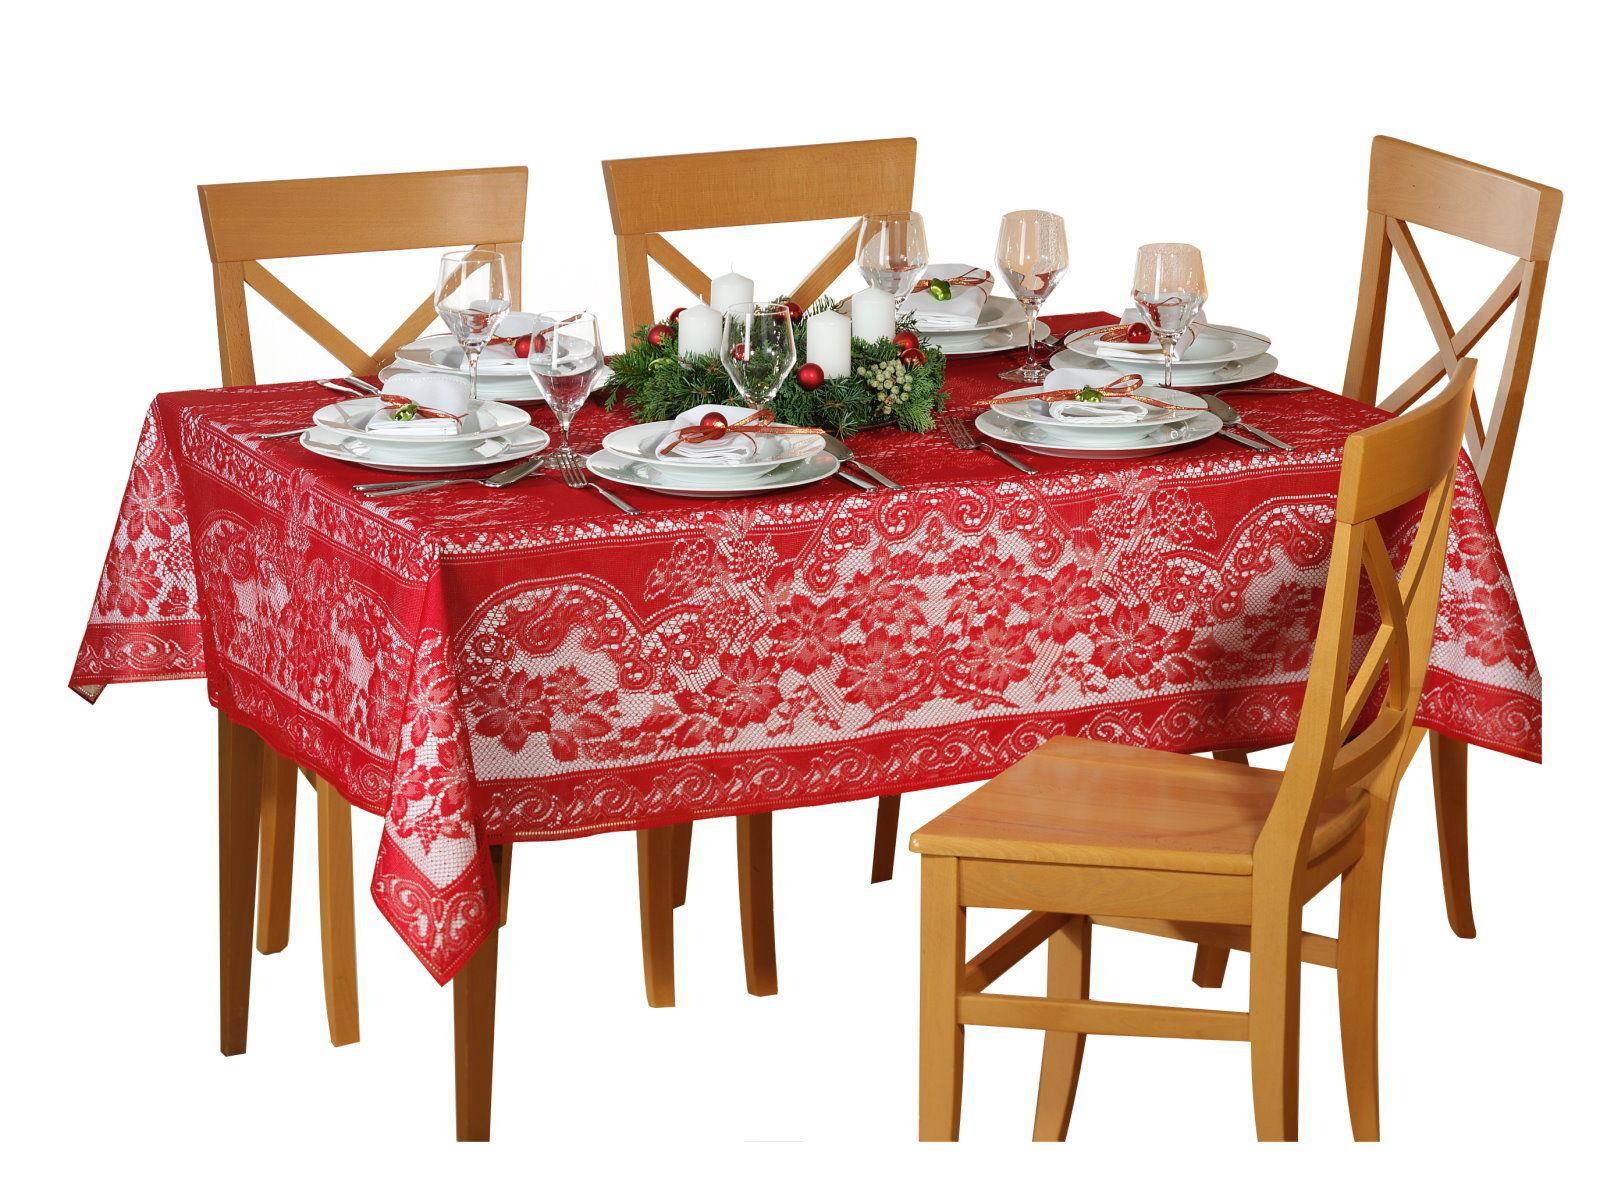 spitzen tischdecke 135x180 tisch decke tafel tuch tischl ufer eckig ebay. Black Bedroom Furniture Sets. Home Design Ideas